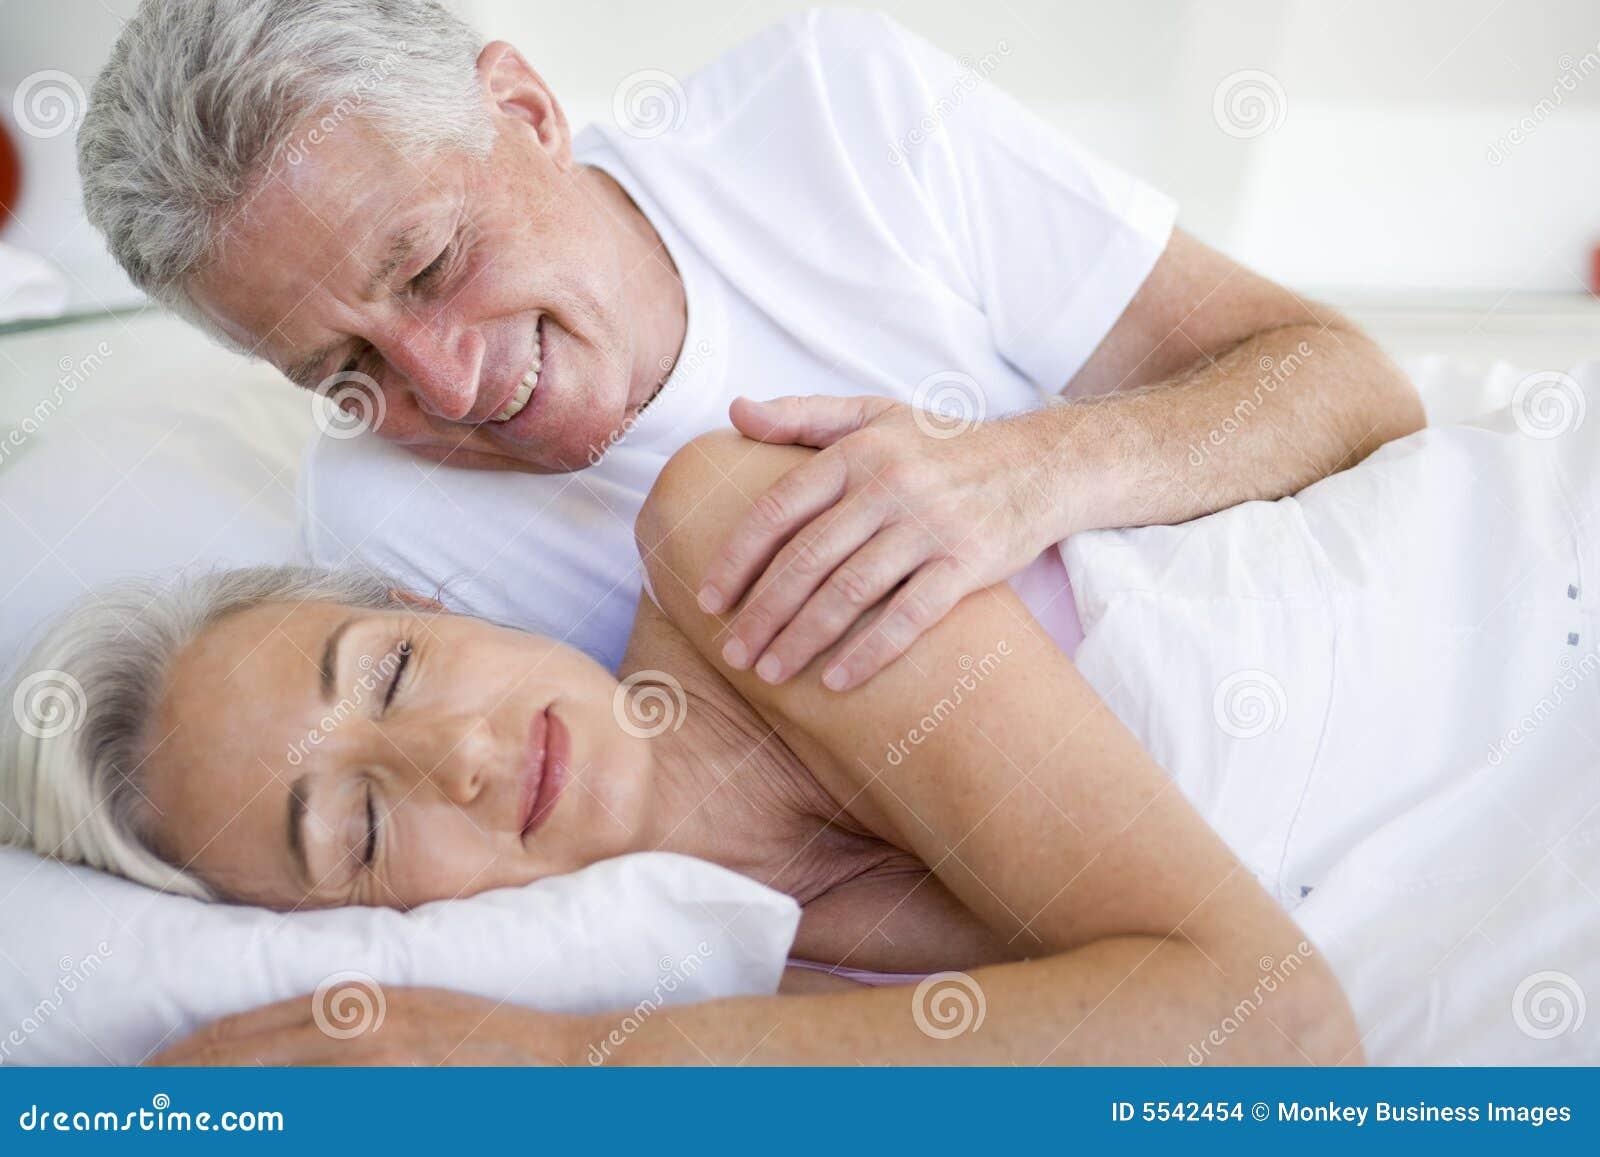 Секс двух пар молодой и пожилой, Пара Молодая Зрелая - Bub Porn -порно видео 22 фотография